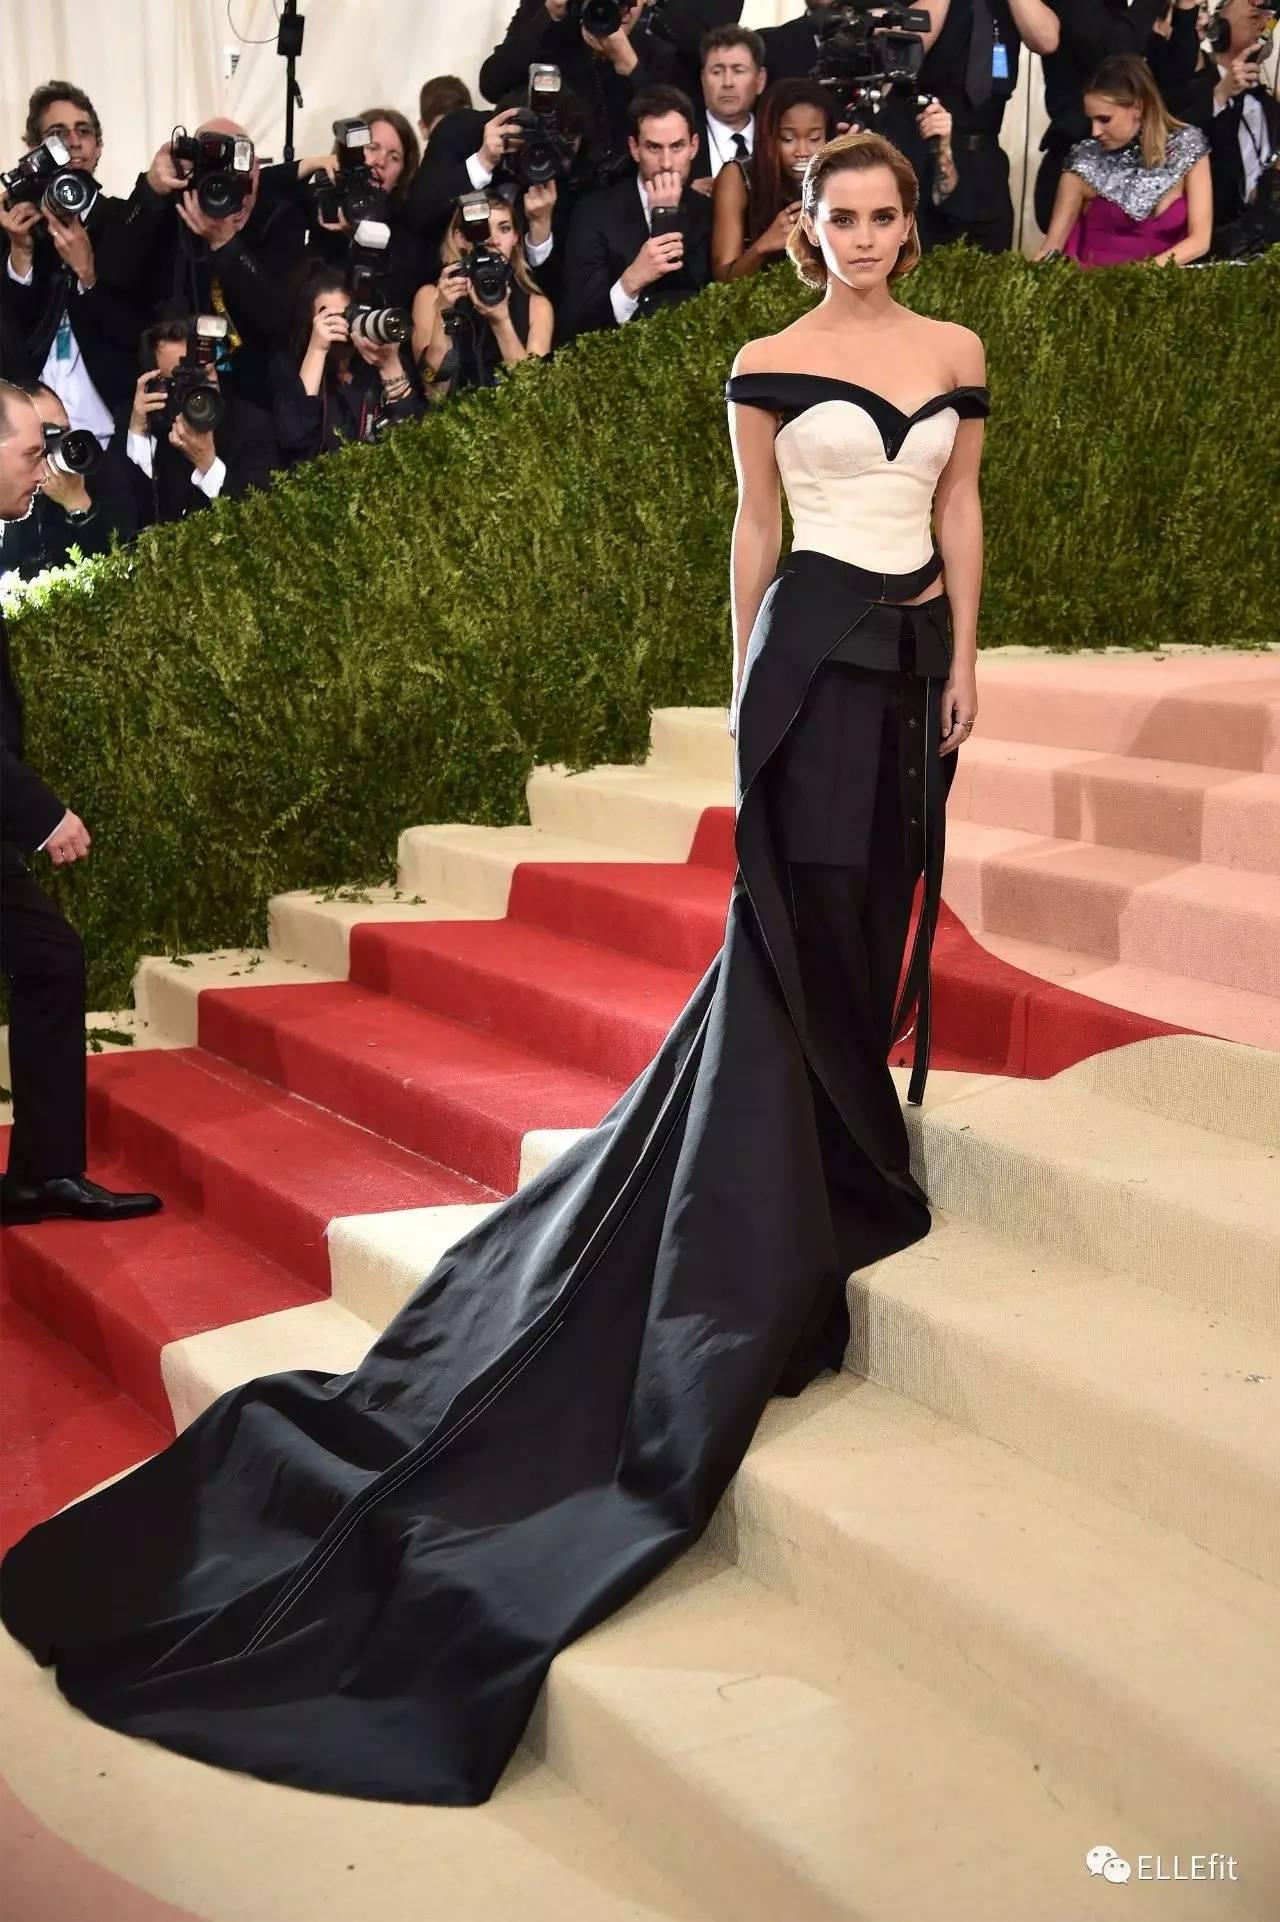 年少成名,高颜值高学历,天生自带完美光环,但Emma Watson为什么一直招黑?